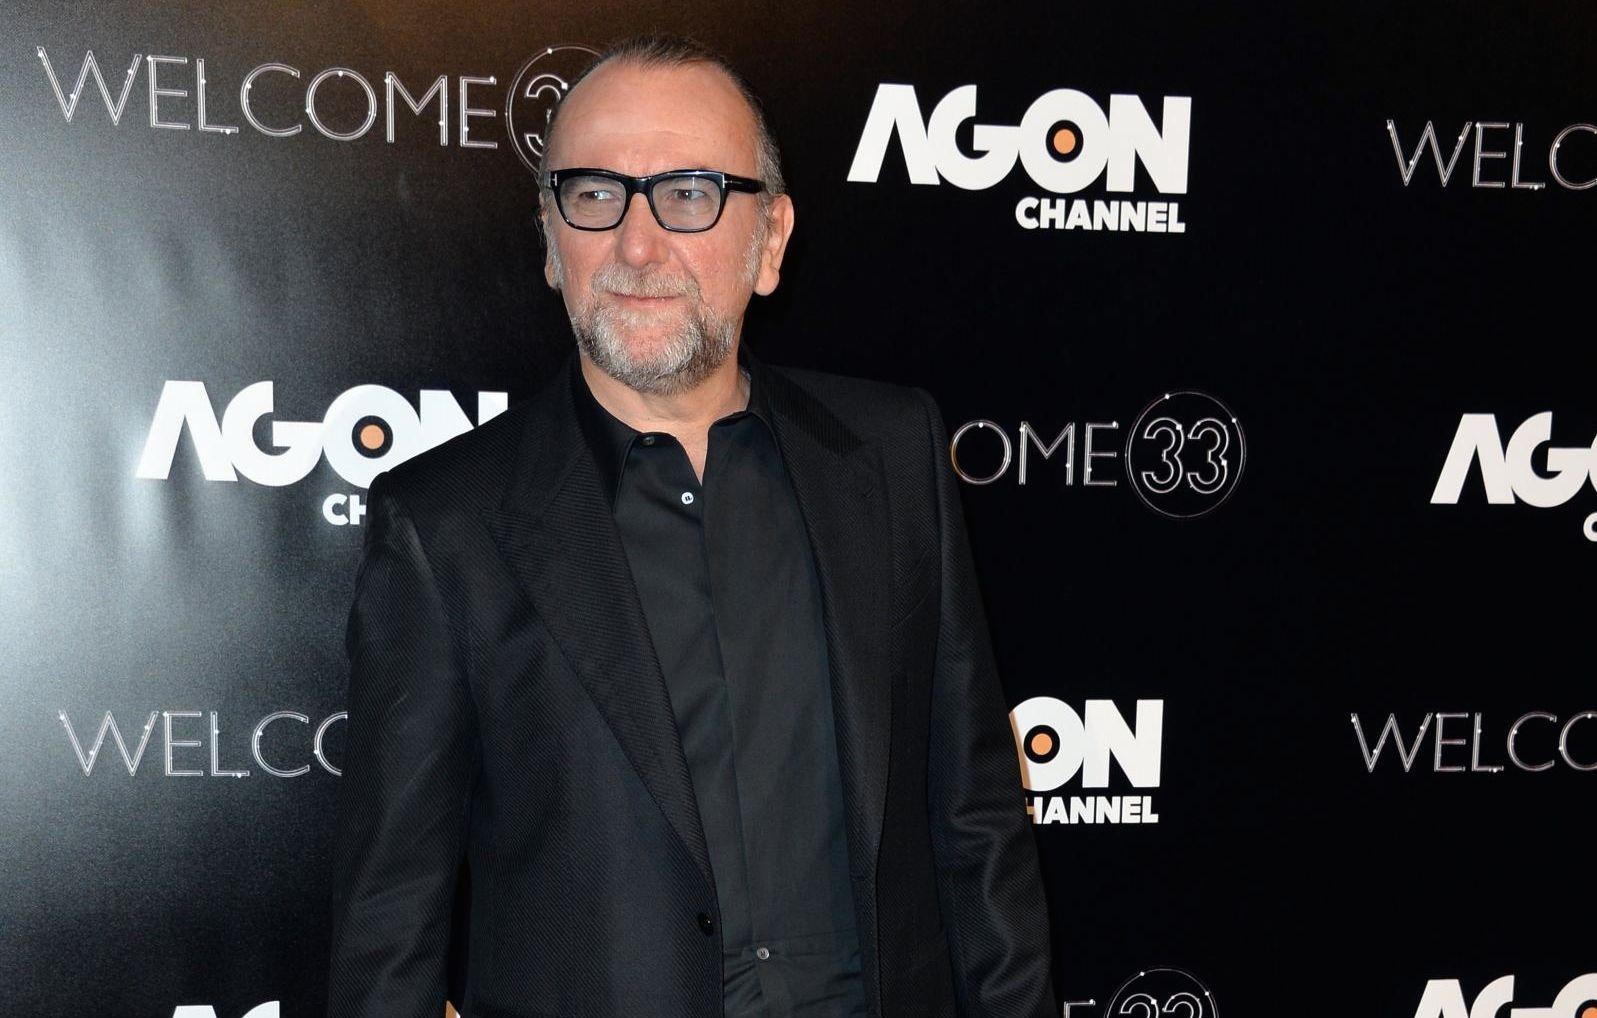 Agon Channel, Francesco Becchetti fermato a Londra